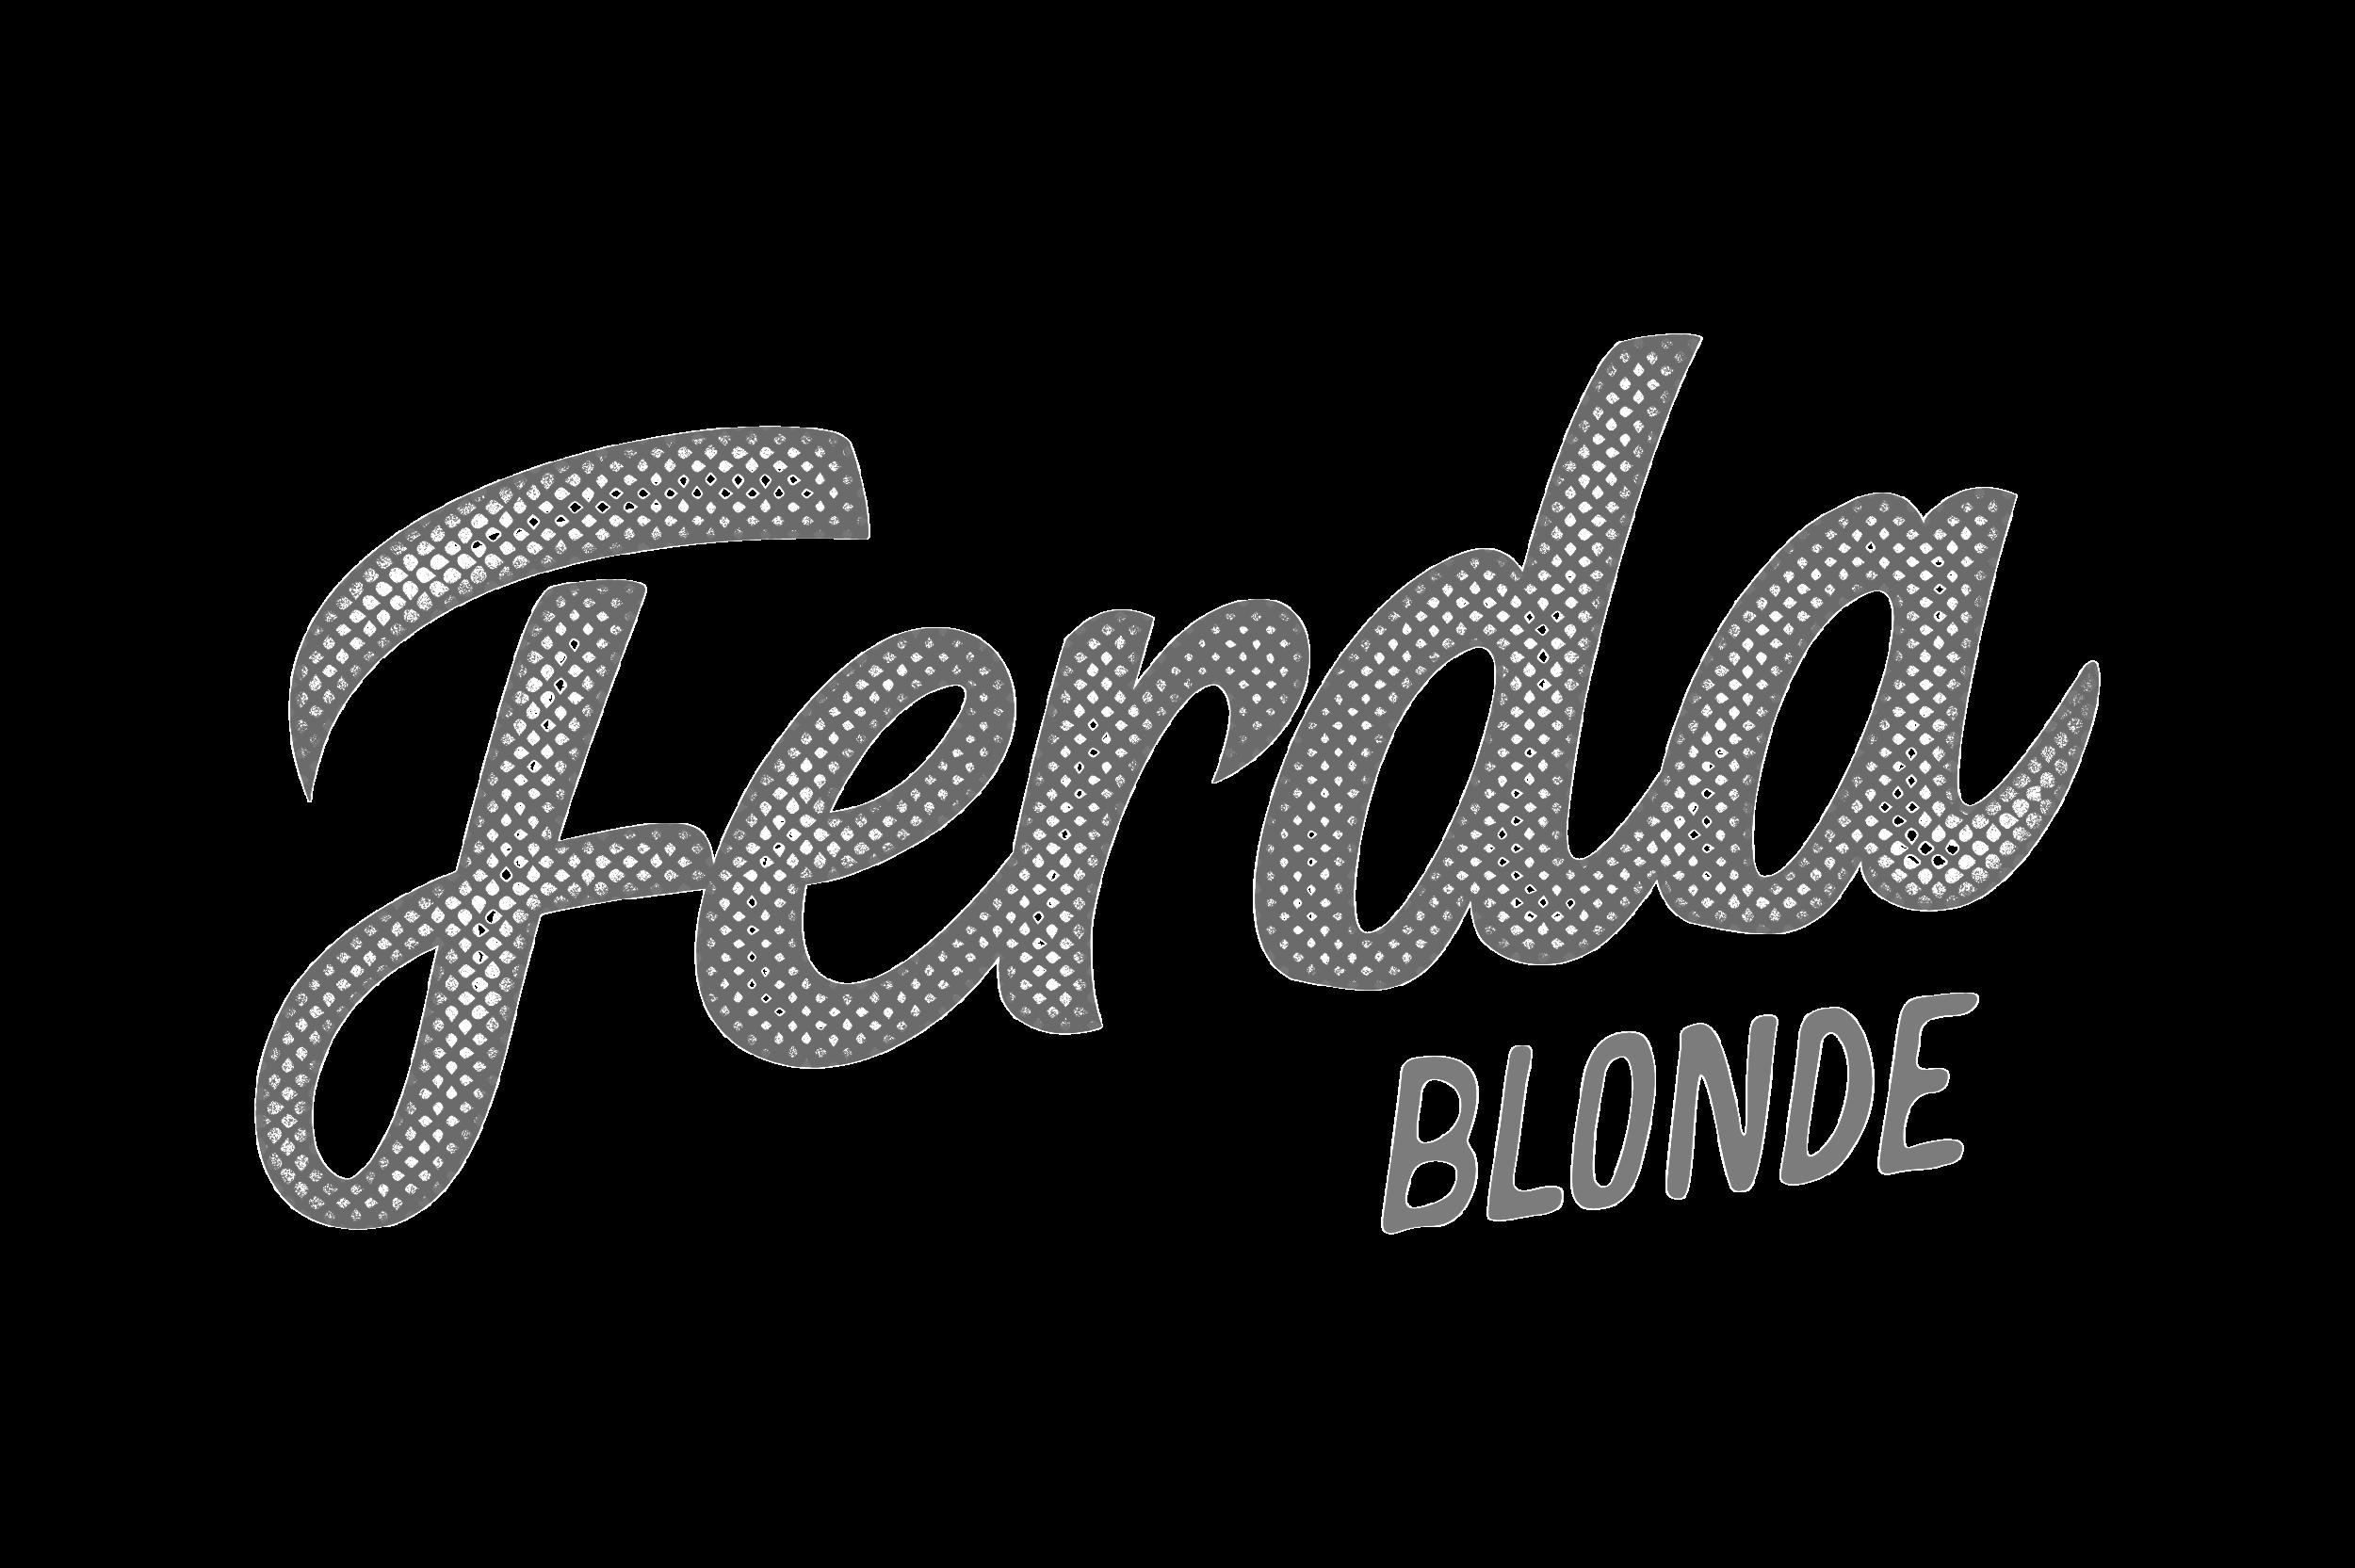 Ferda-logo2-grey.png